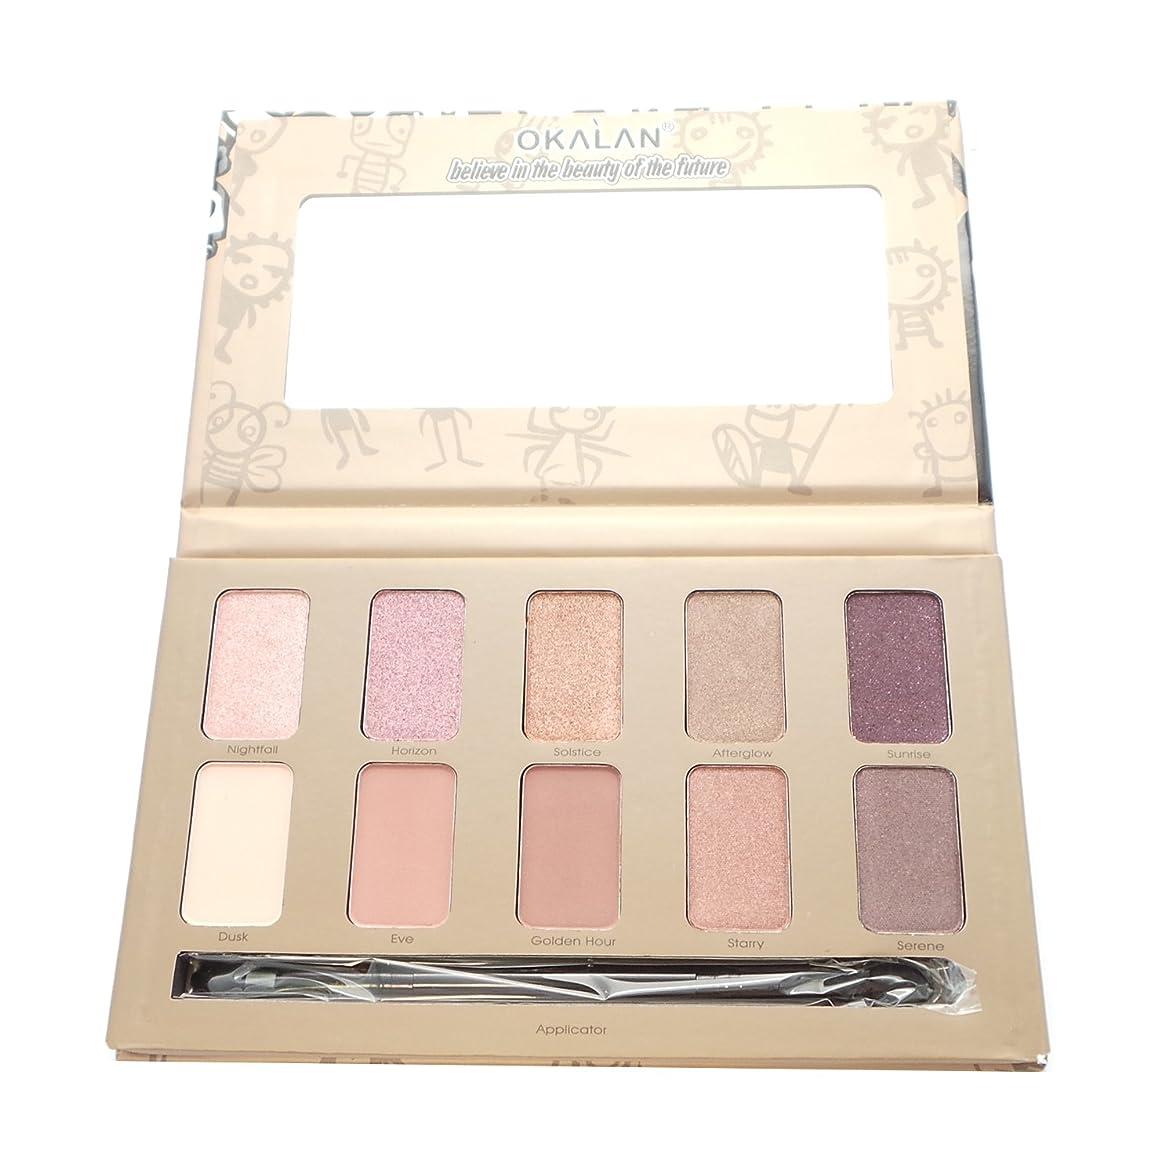 要塞実質的に拘束する(3 Pack) OKALAN 10 Shade Natural Eyeshadow Palette - B (並行輸入品)